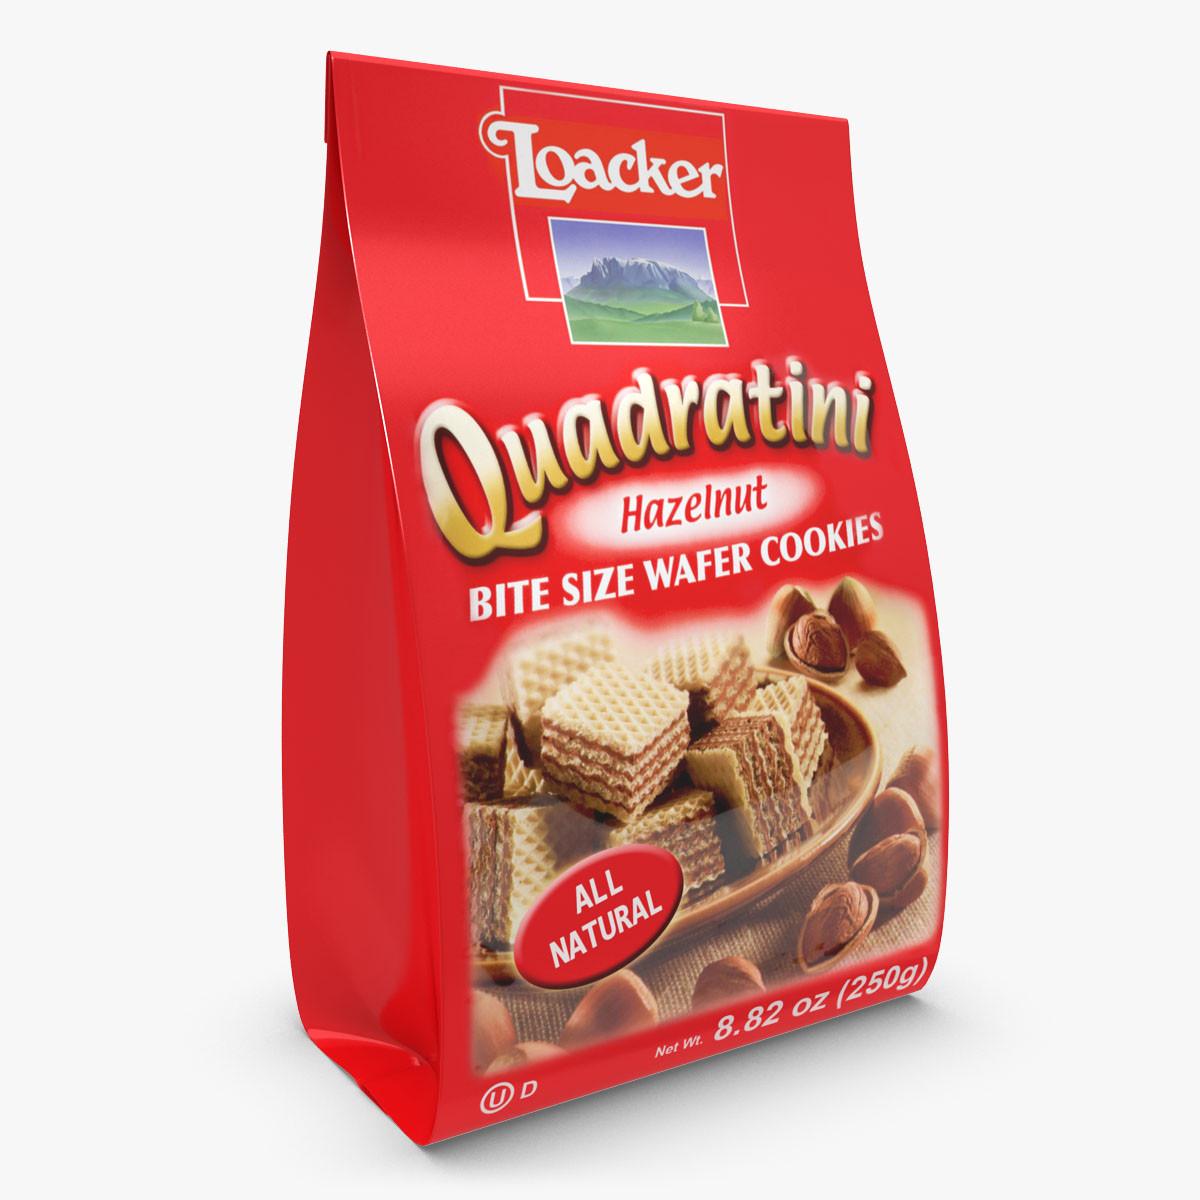 Loacker Quadratini Hazelnut Wafers